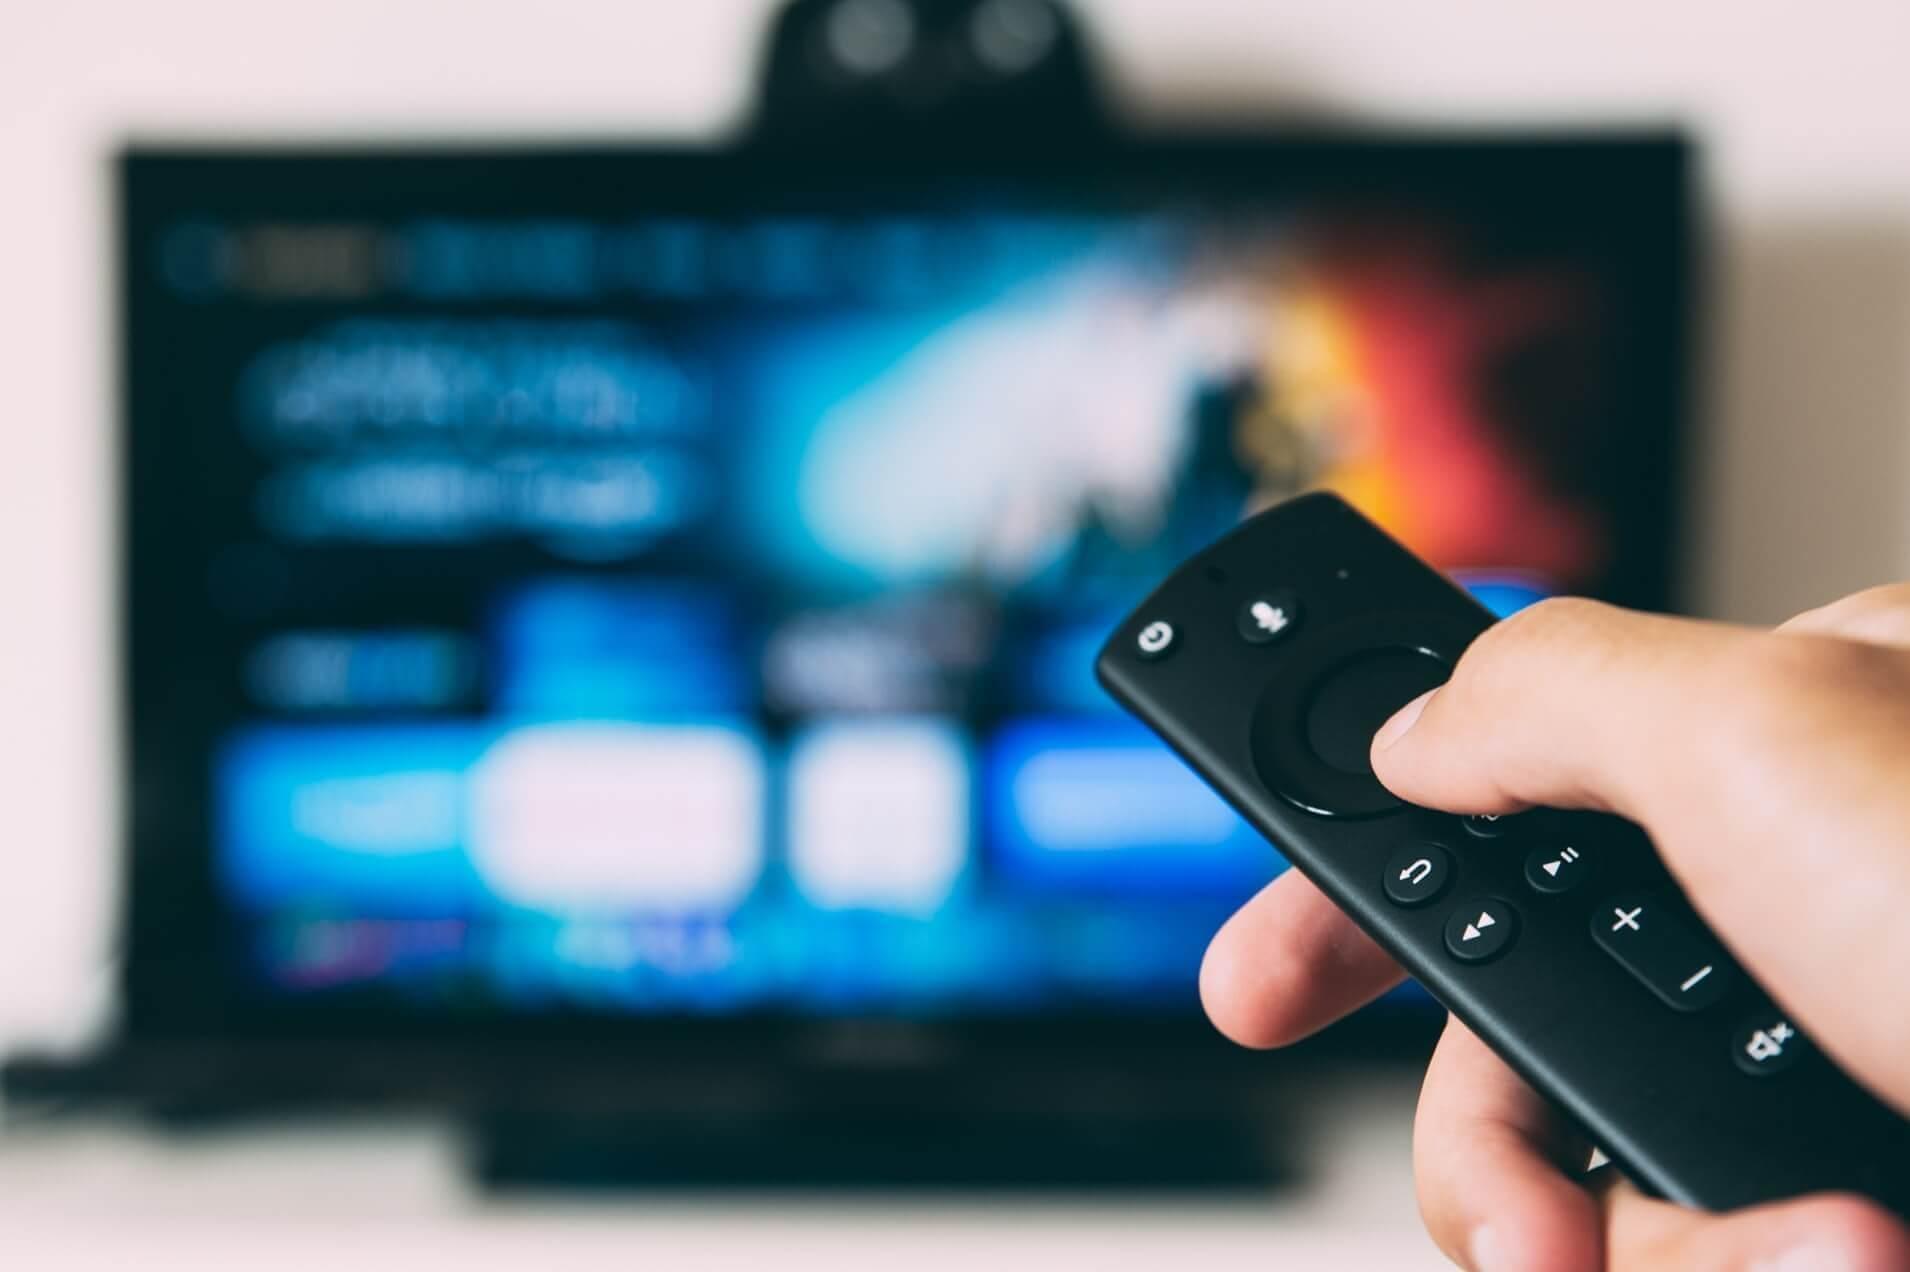 テレビでオンデマンド作品を選択する様子